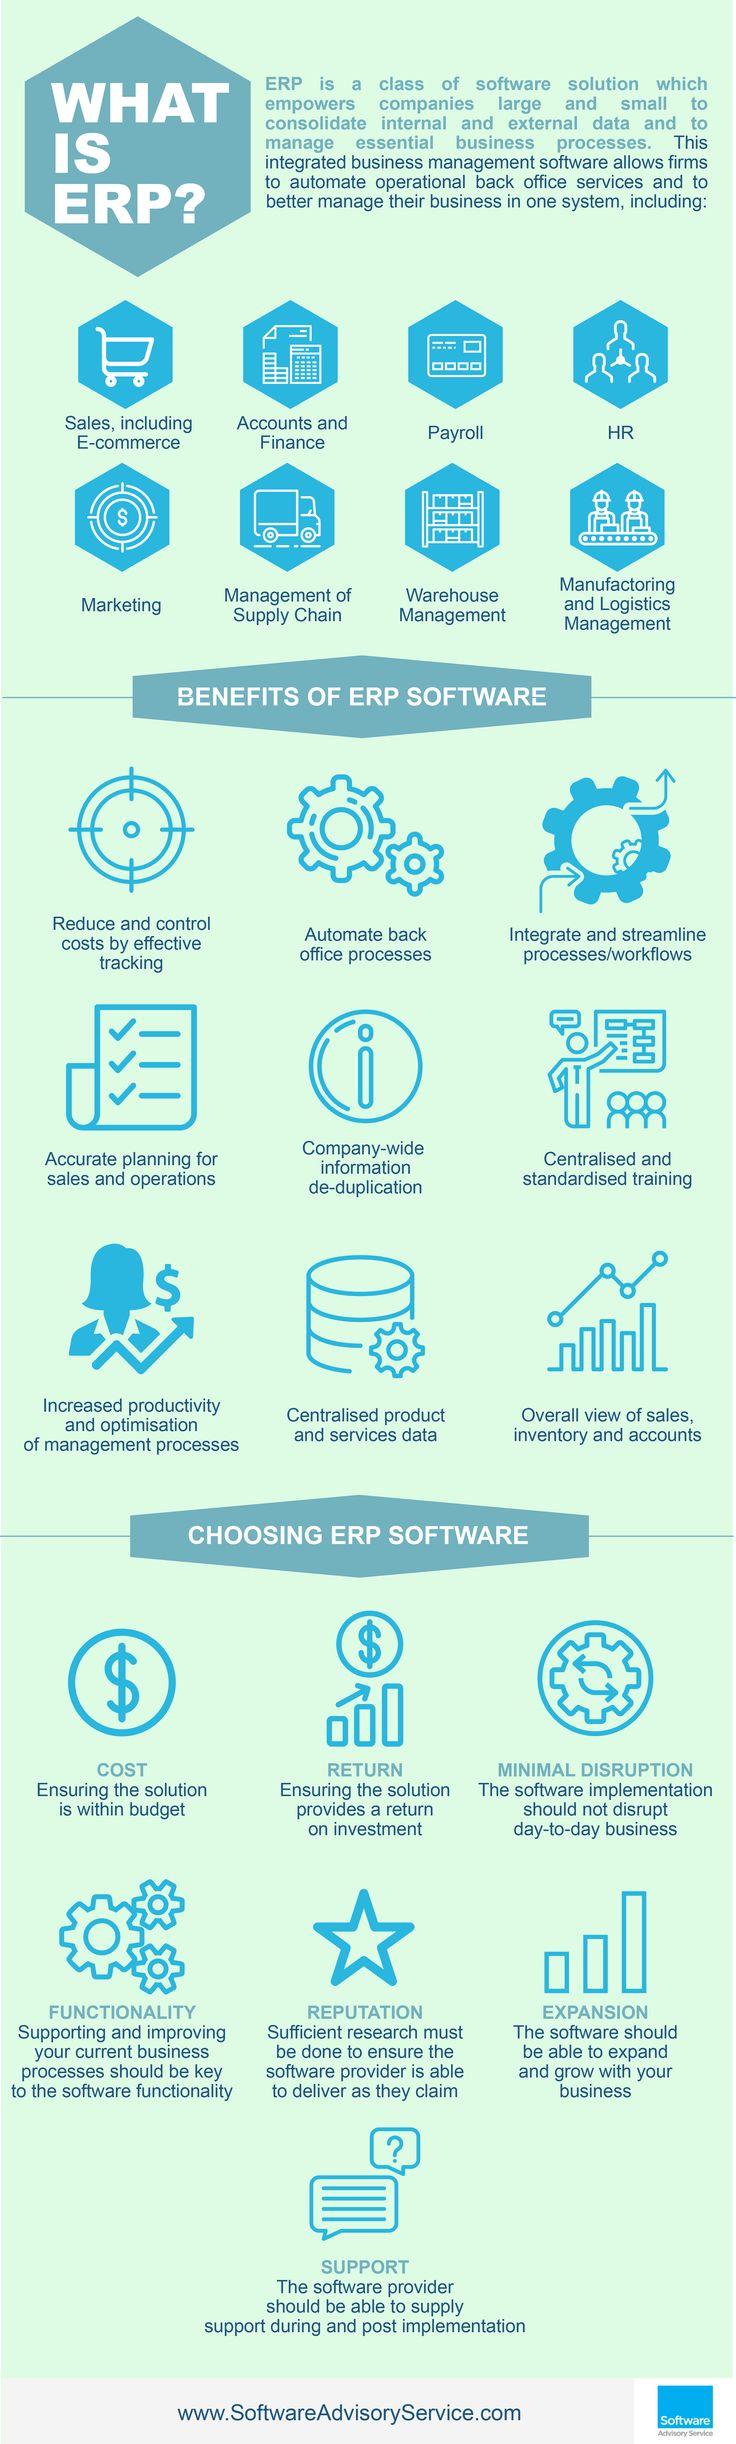 Mejores 11 imágenes de ERP en Pinterest | Software, Aceite y Artículos